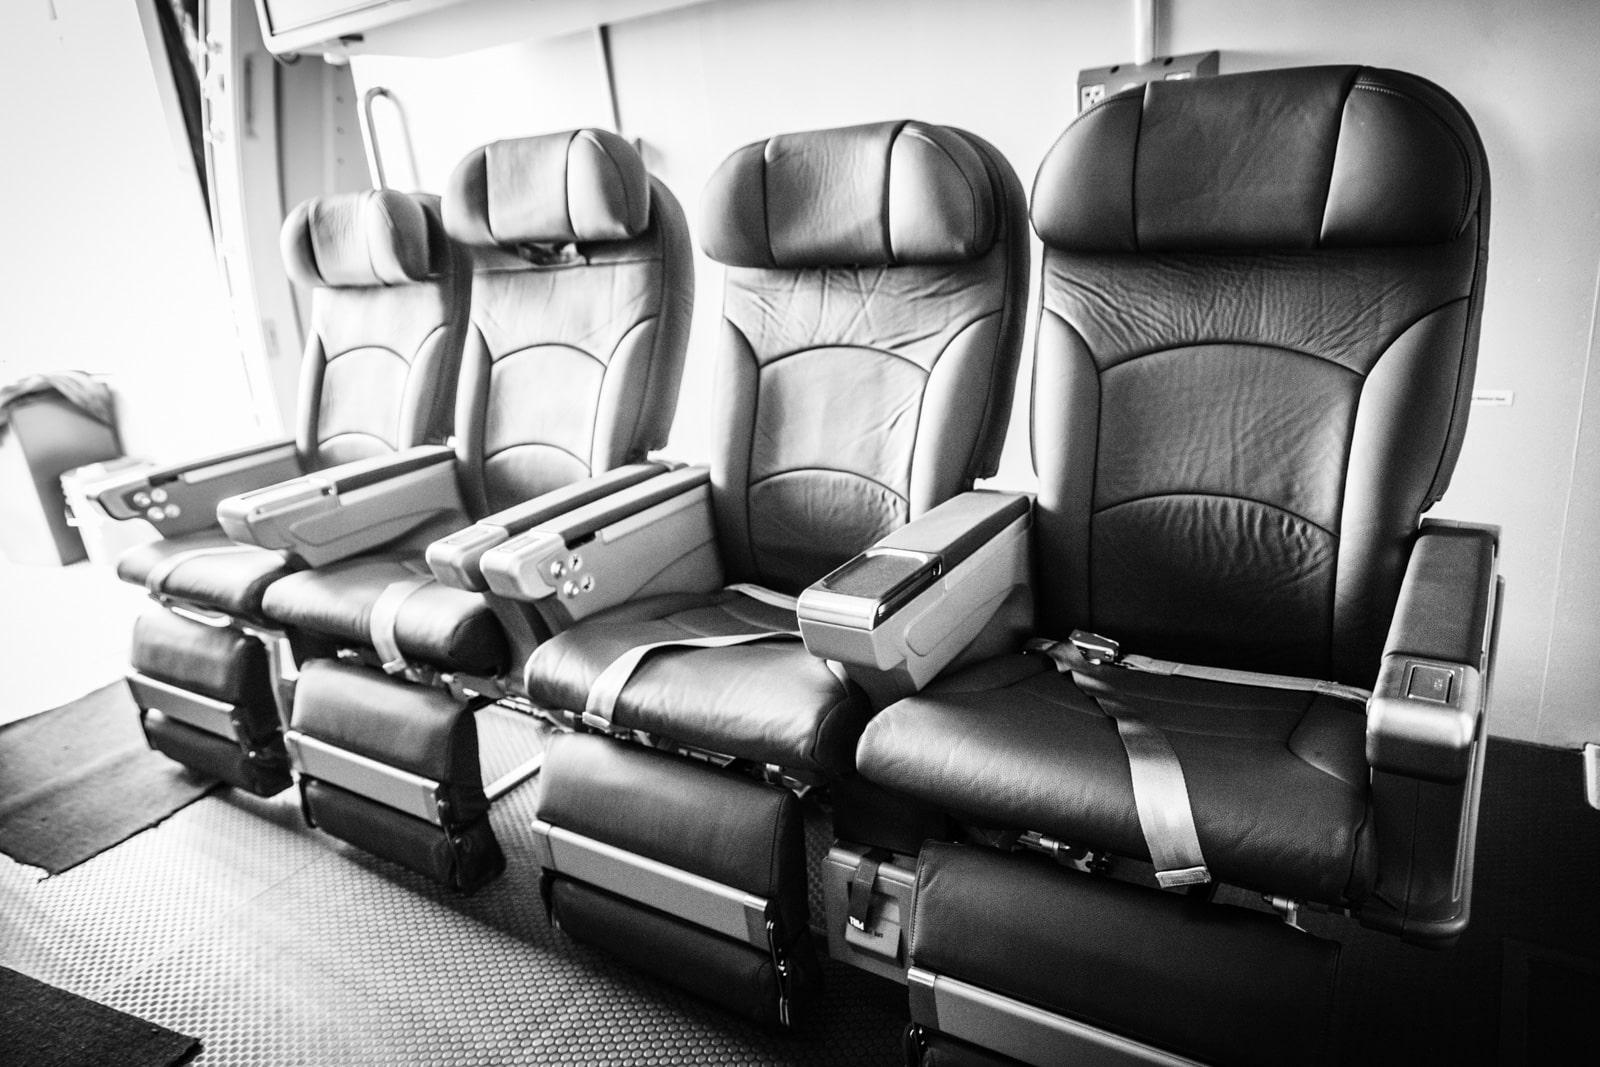 Sitzreihe einer Boeing